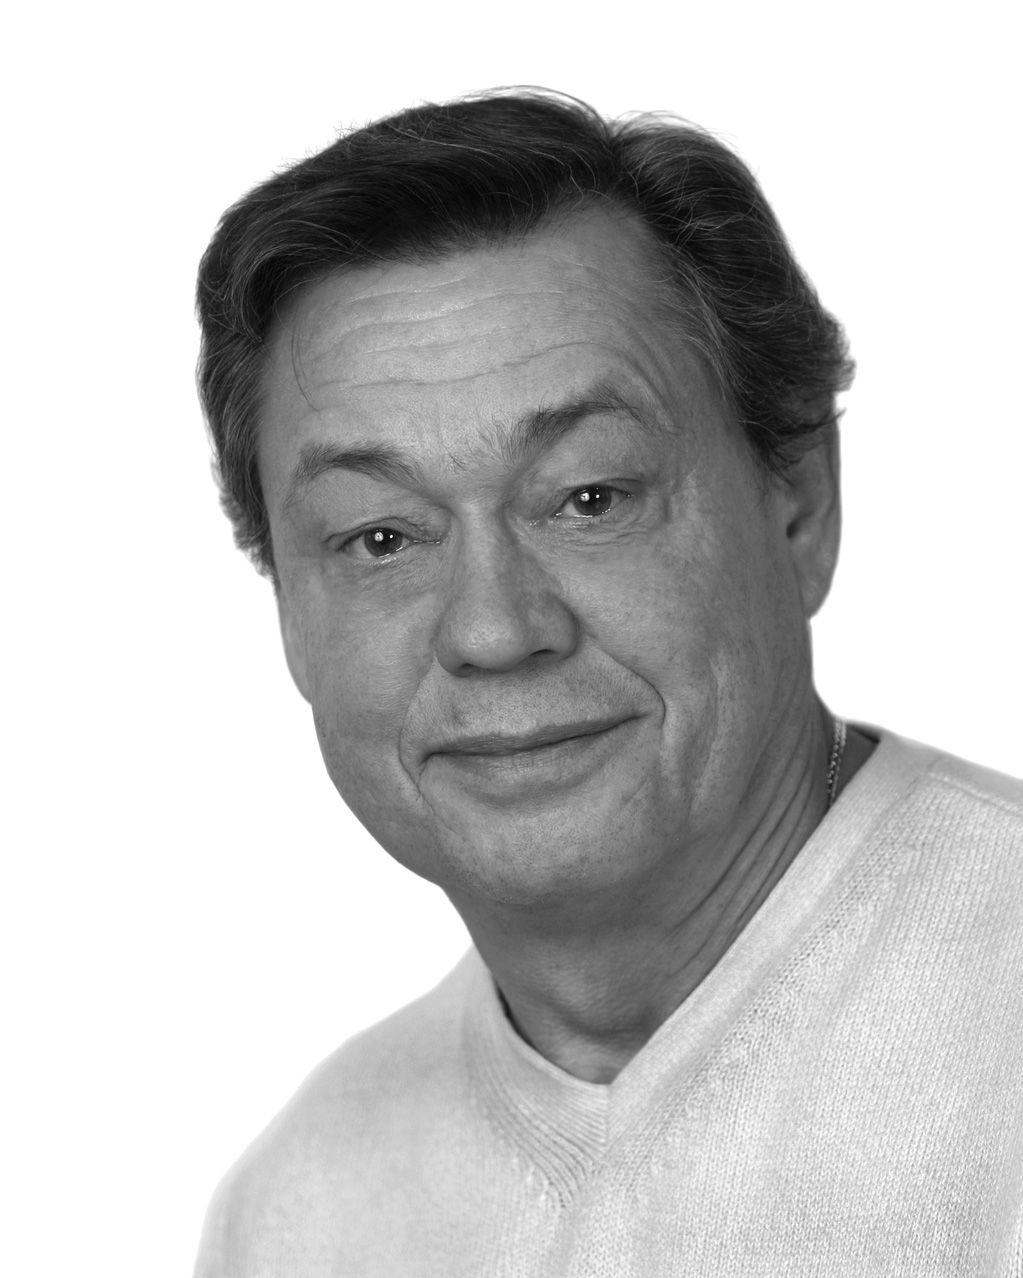 Николай Караченцов портрет